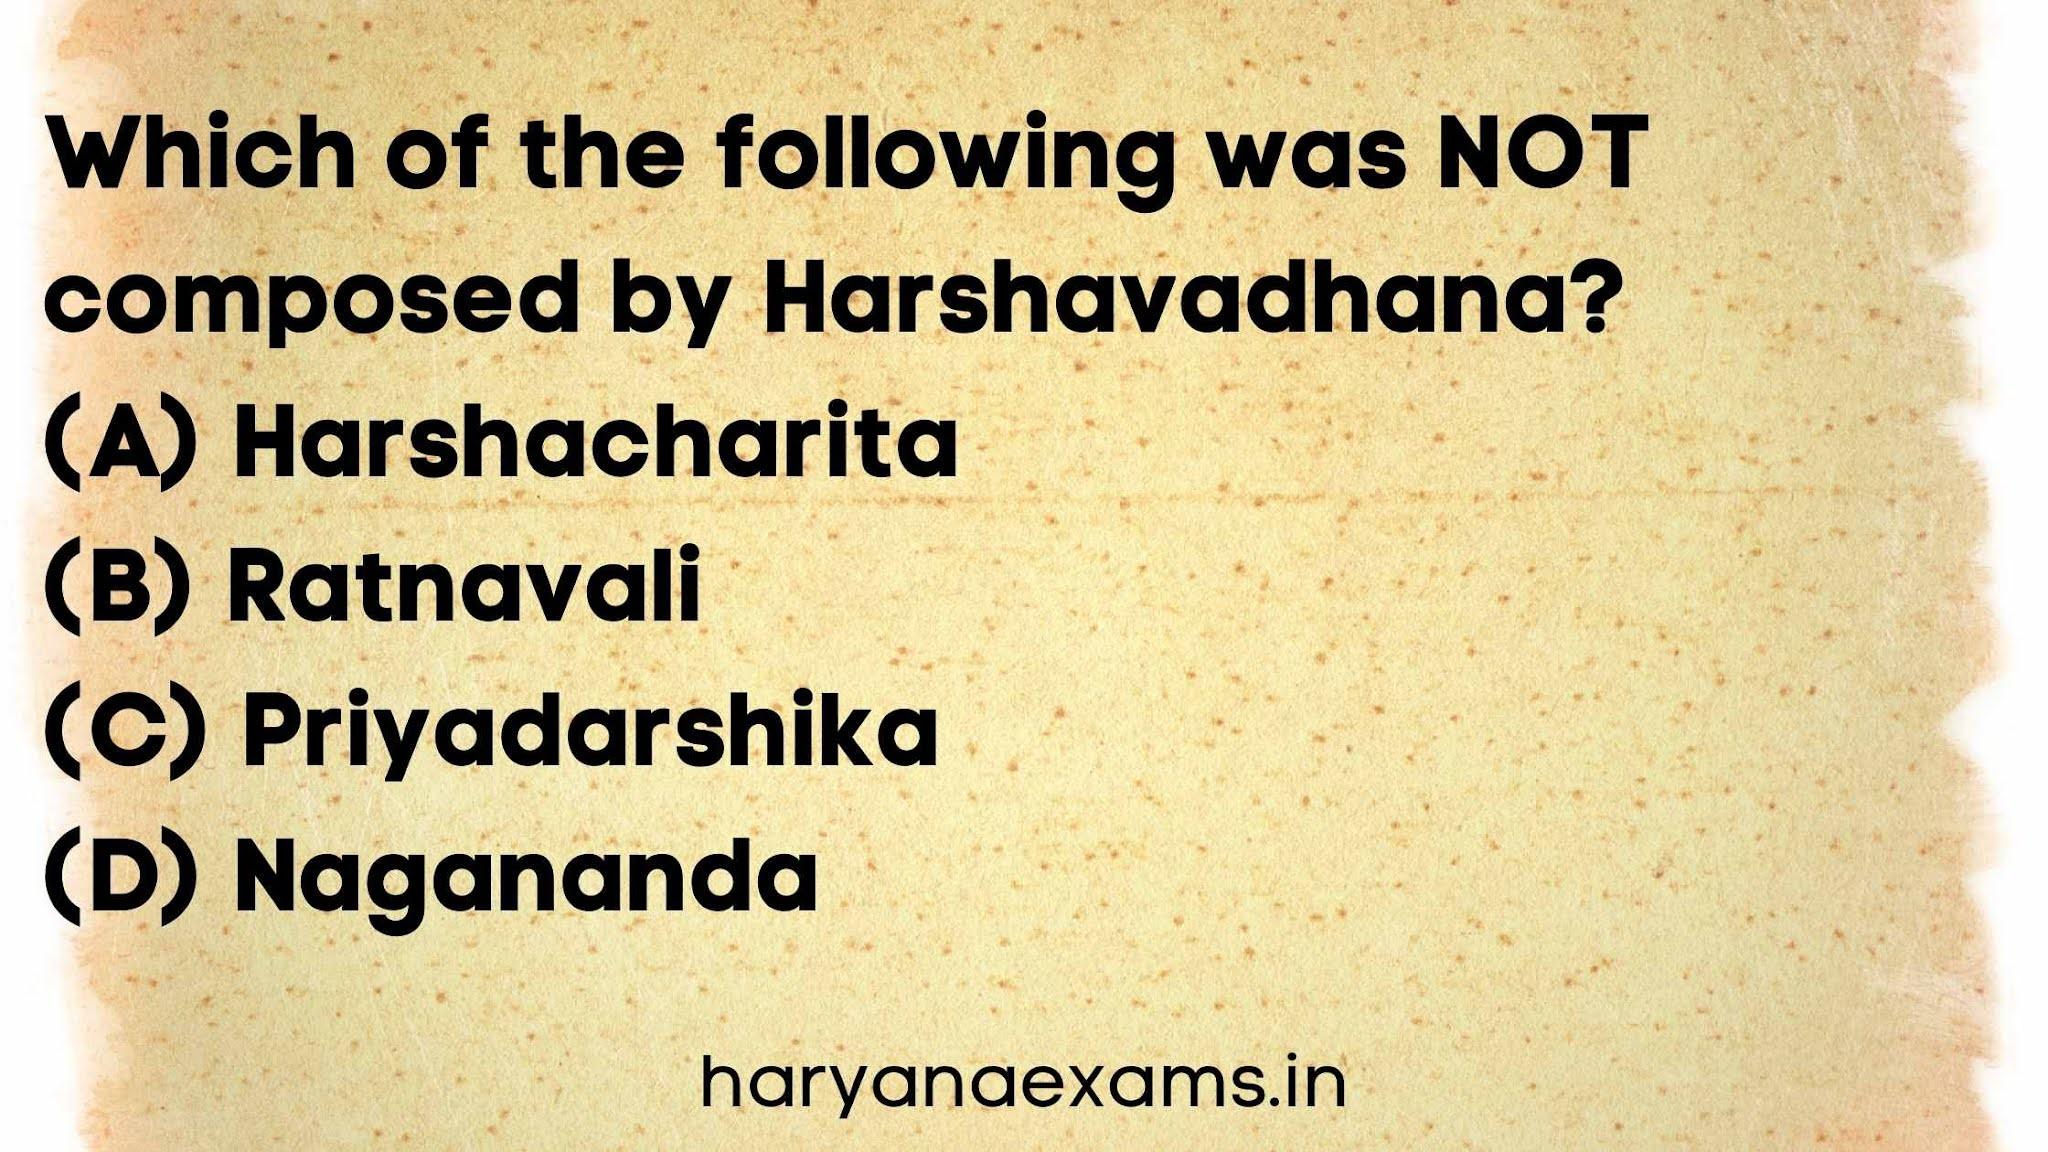 Which of the following was NOT composed by Harshavadhana?   (A) Harshacharita   (B) Ratnavali   (C) Priyadarshika   (D) Nagananda